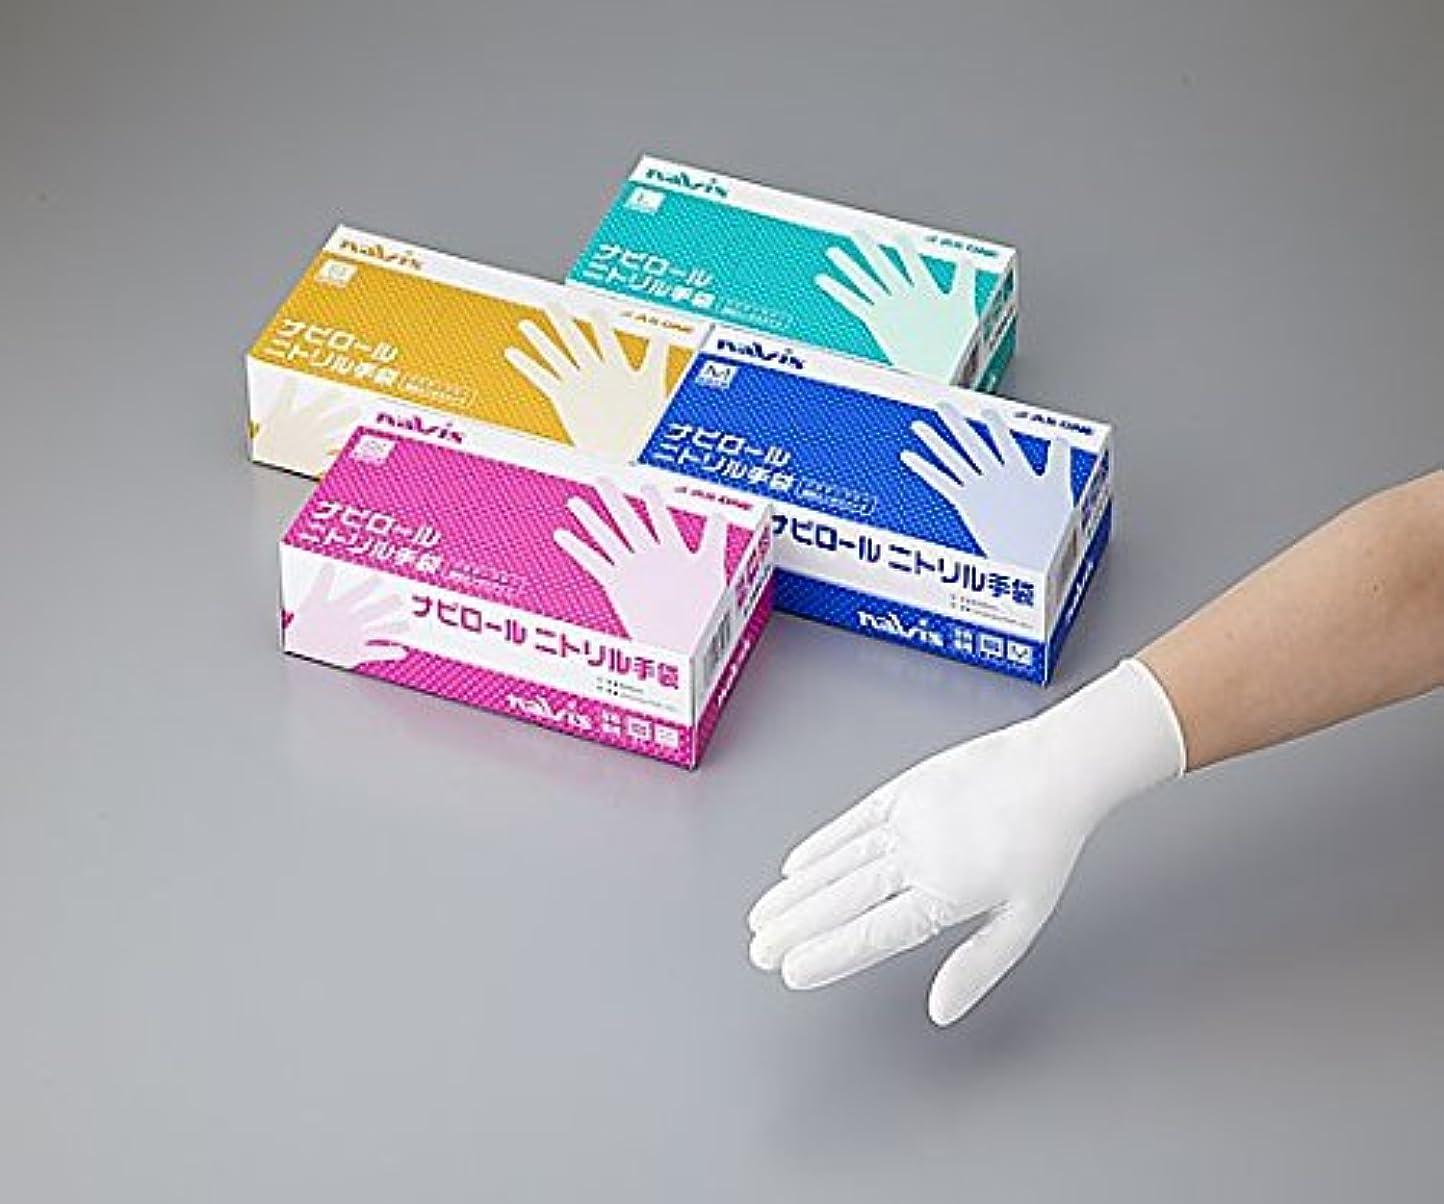 クローゼット憲法クロールナビス(アズワン)8-2584-02ナビロールニトリル手袋ホワイトM